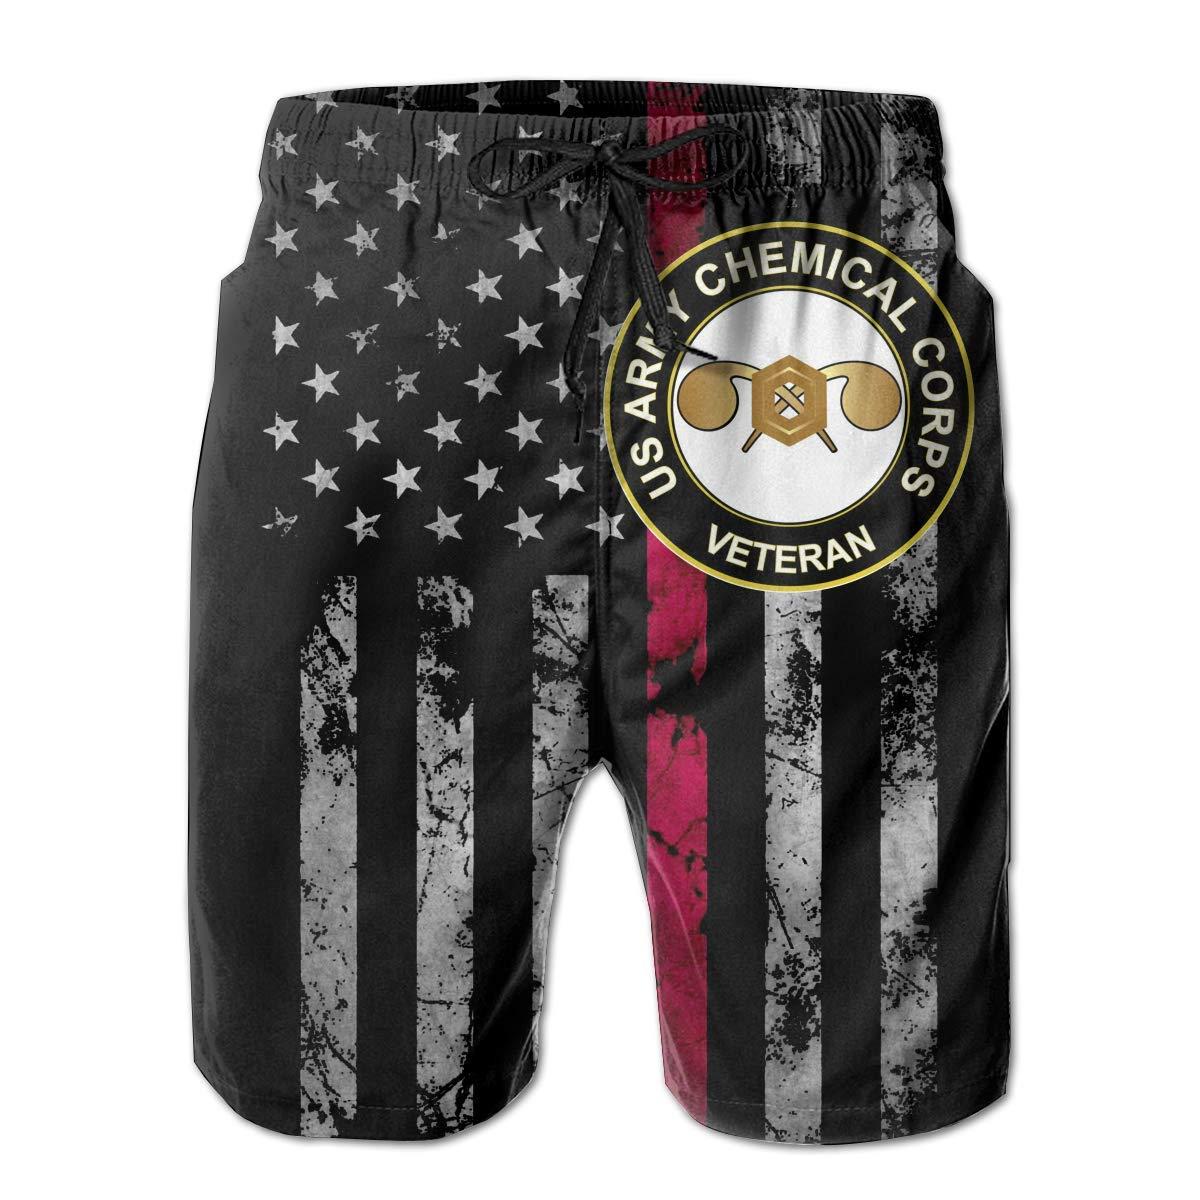 Trikahan US Army Veteran Chemical Corps Mens Beach Shorts Swim Trunks Summer Shorts Running Shorts